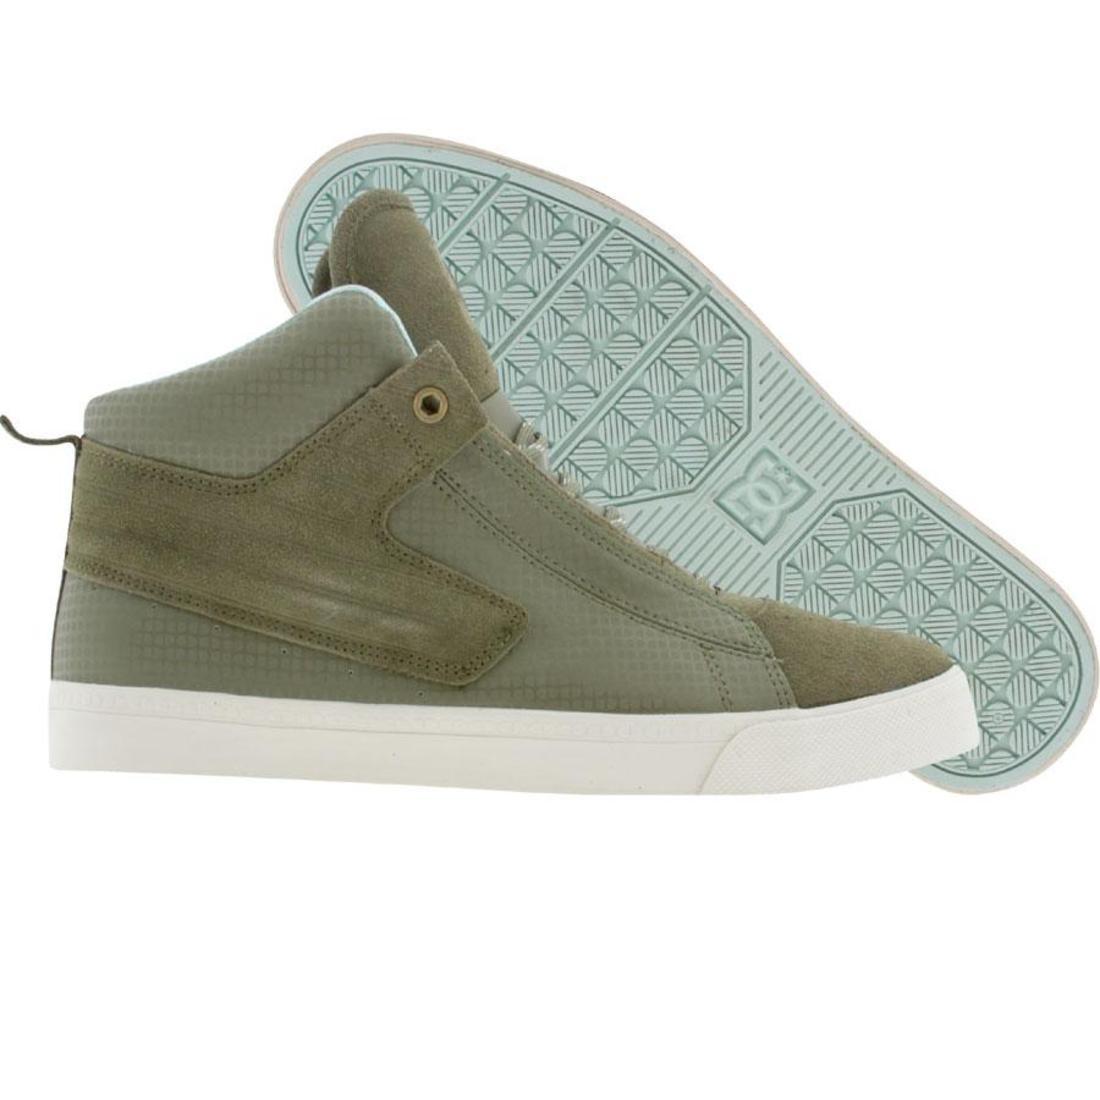 【海外限定】ディーシー コレクション メンズ靴 靴 【 DC LIFE COLLECTION DISTRICT 4 MILITARY 】